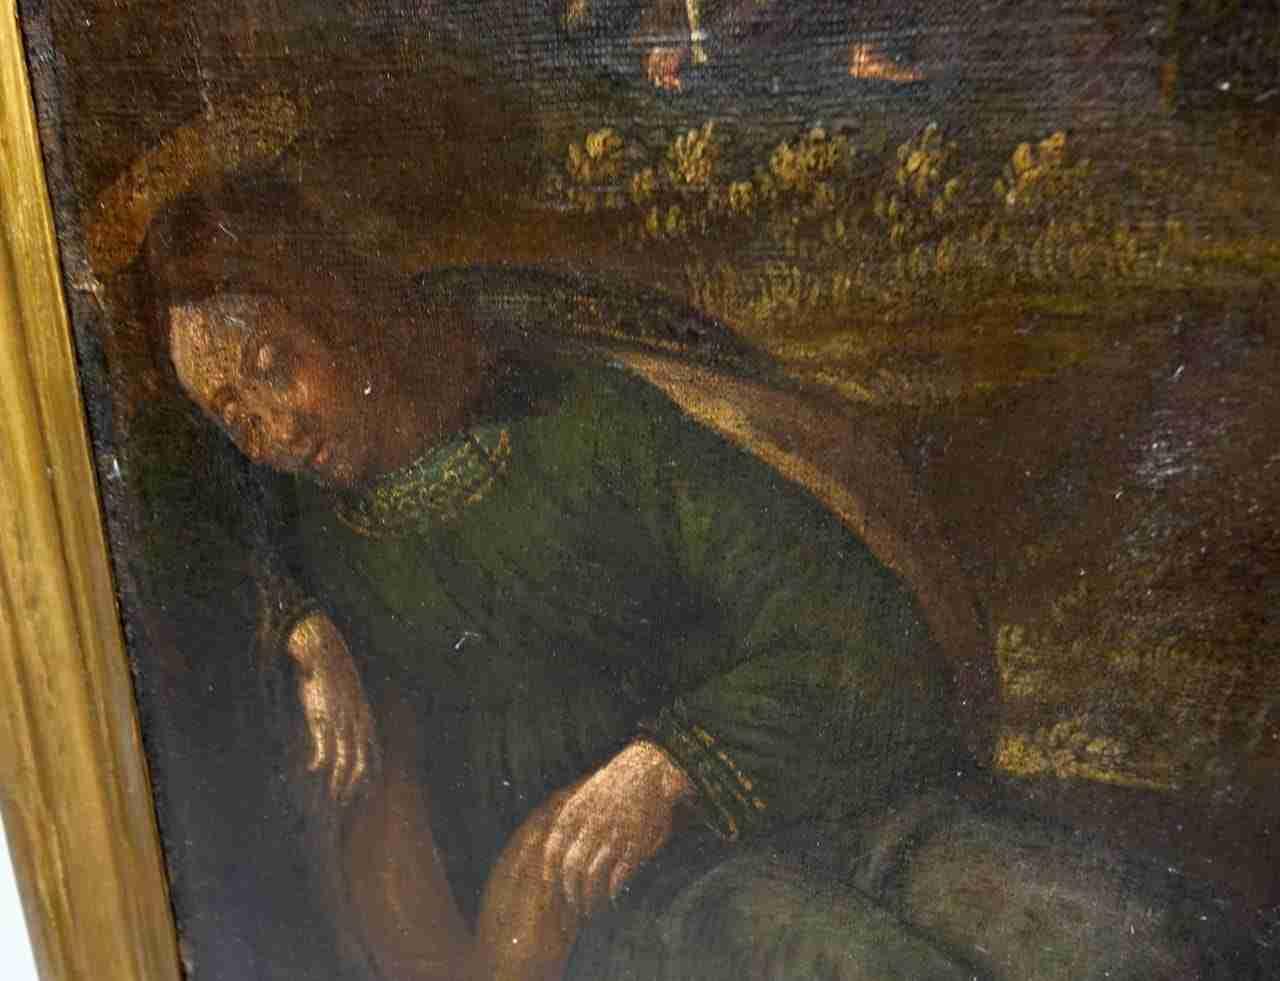 dipinto-500-orazione-nell-orto-14